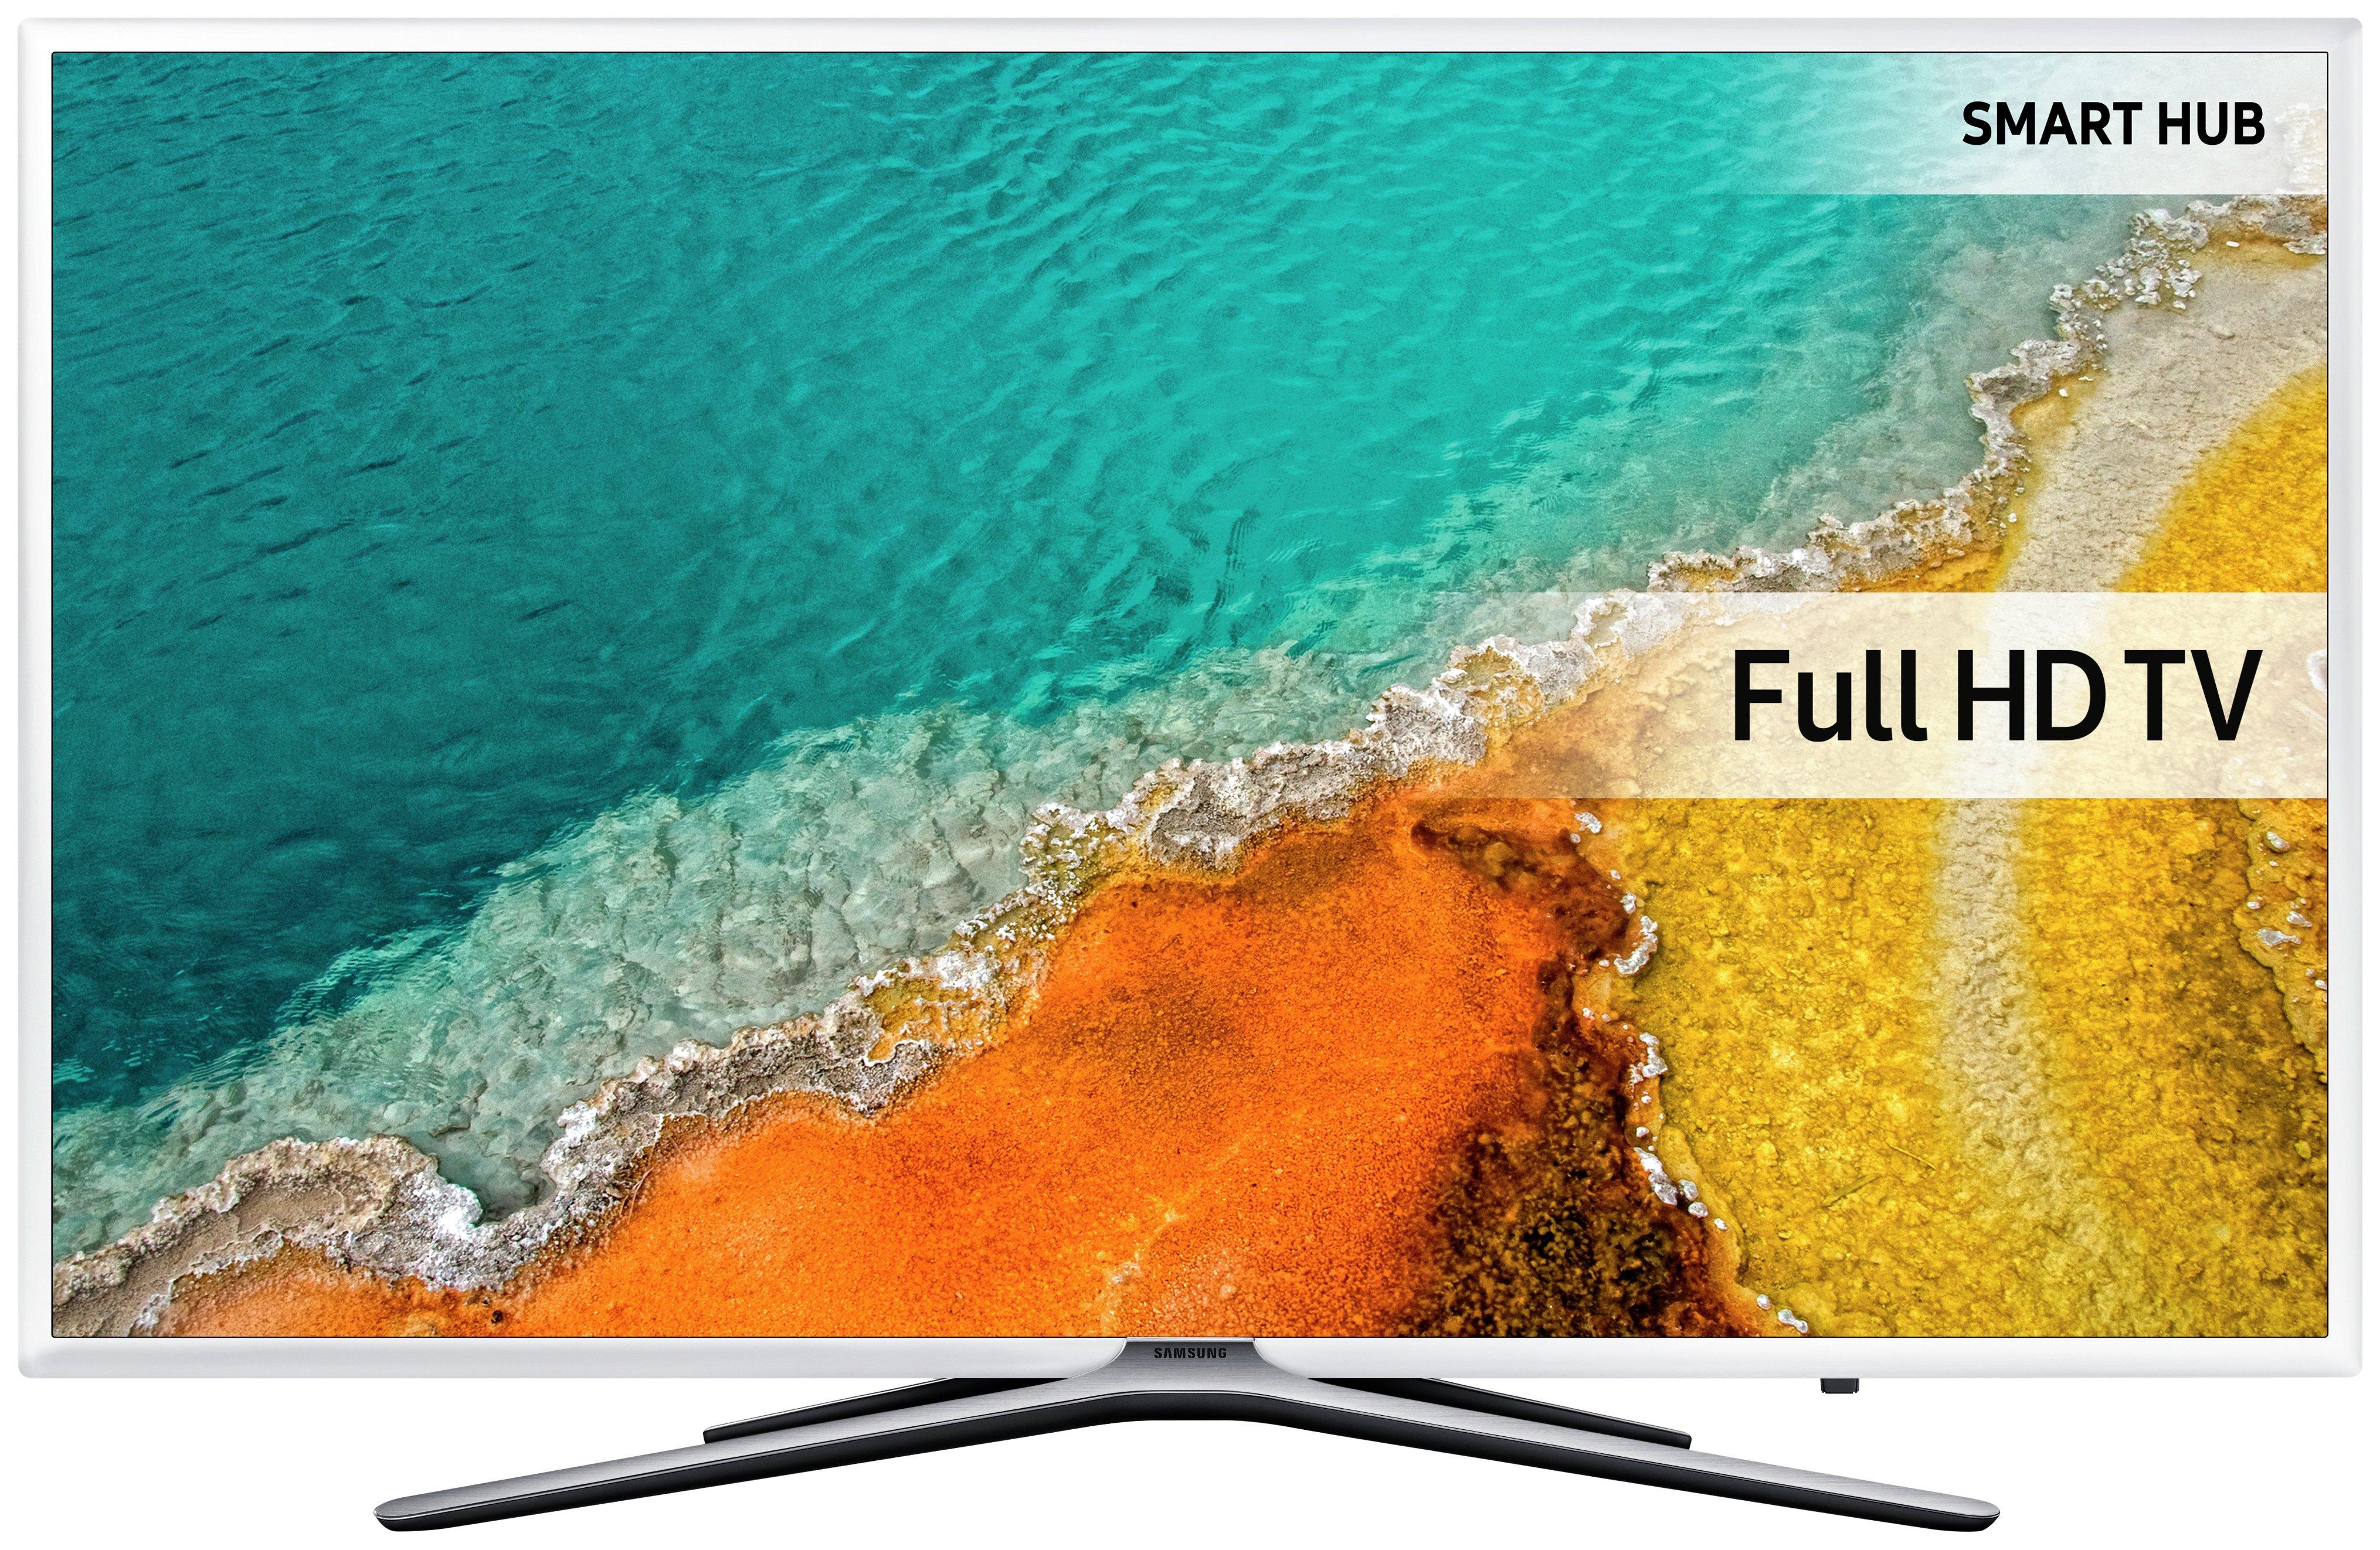 Samsung - 49 Inch - UE49K5510 - Full HD - Smart LED TV. - White